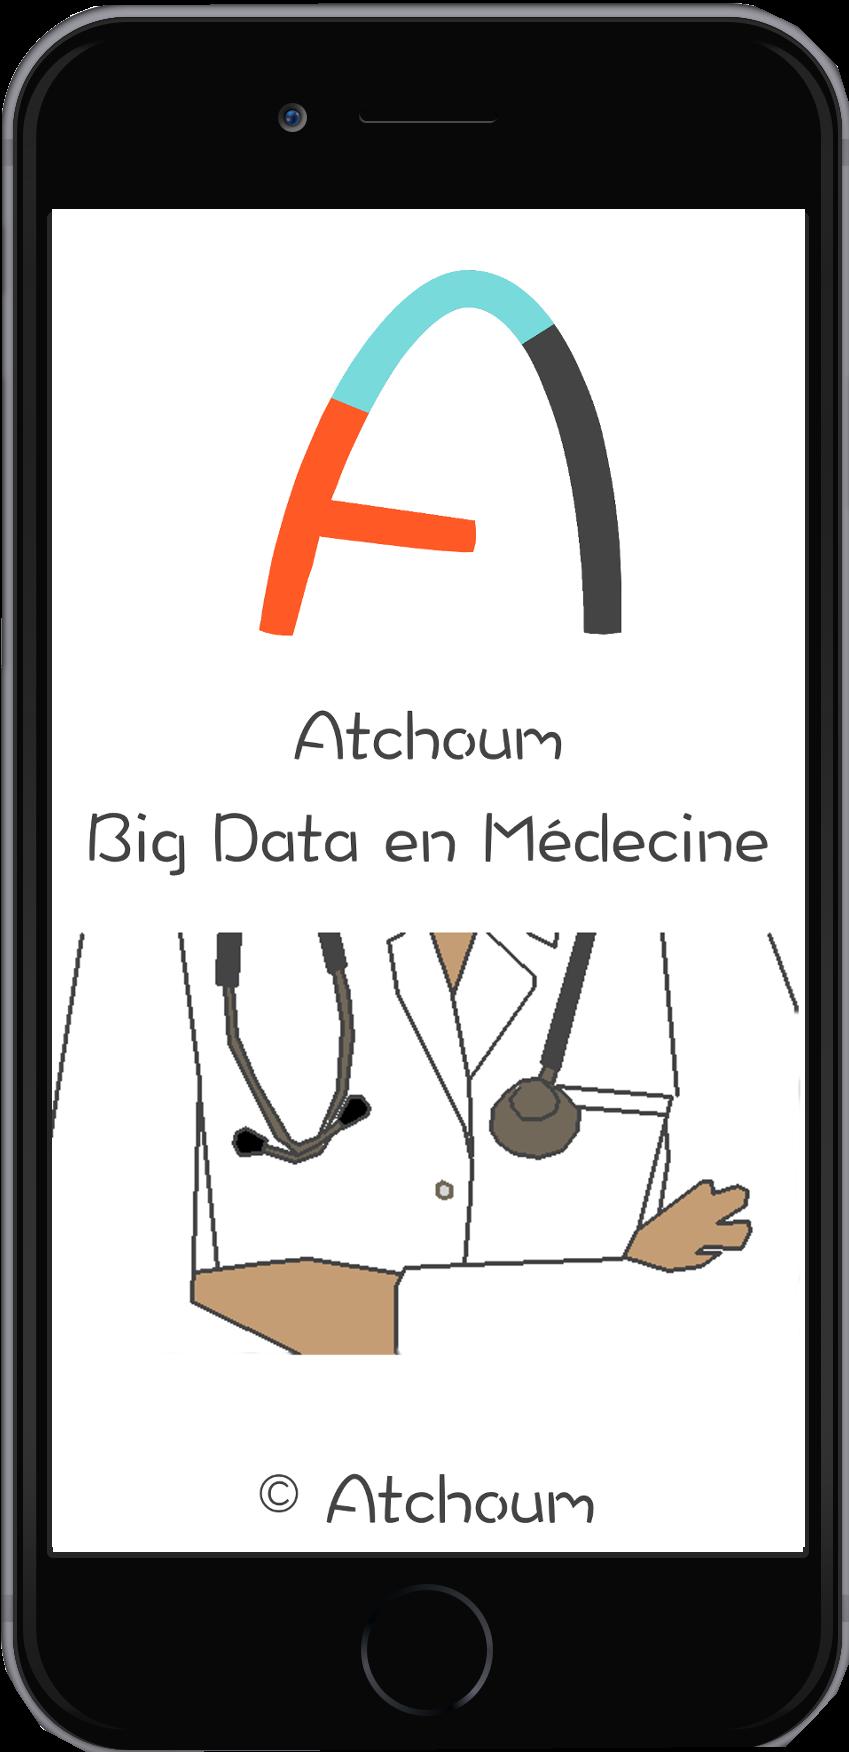 iphone+atchoum